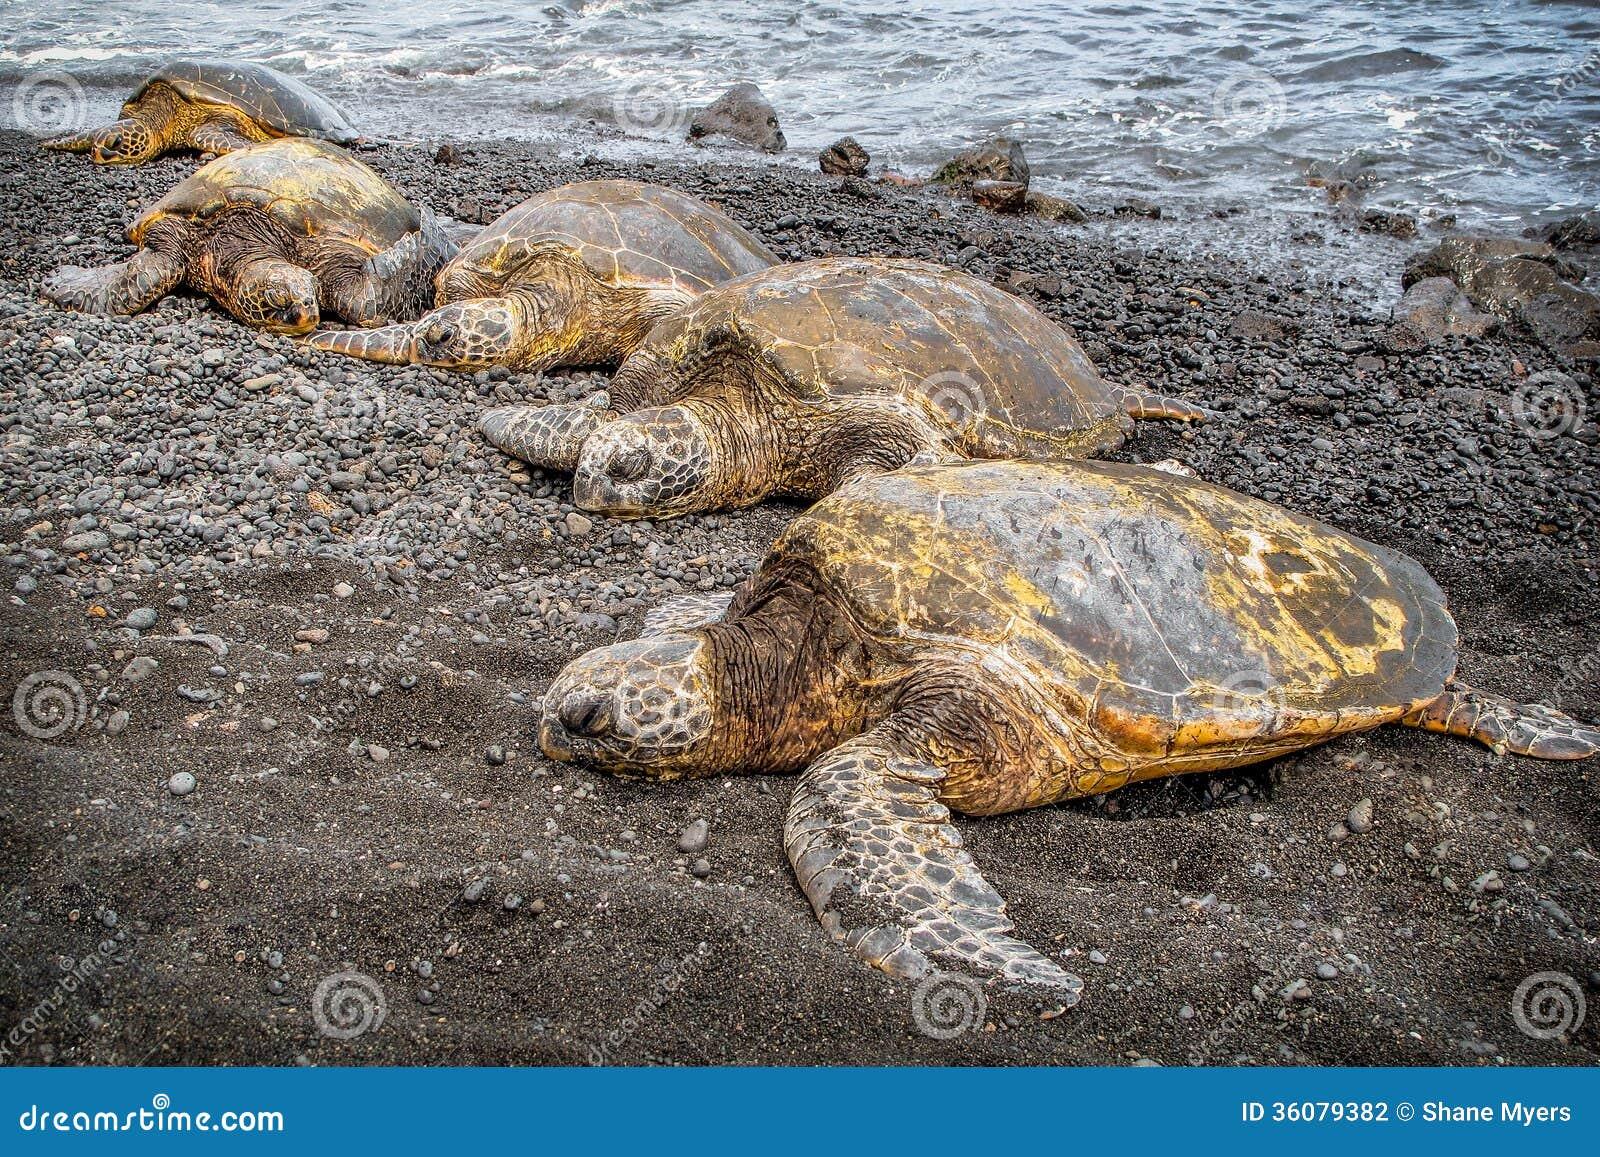 Sea Turtles Big Island